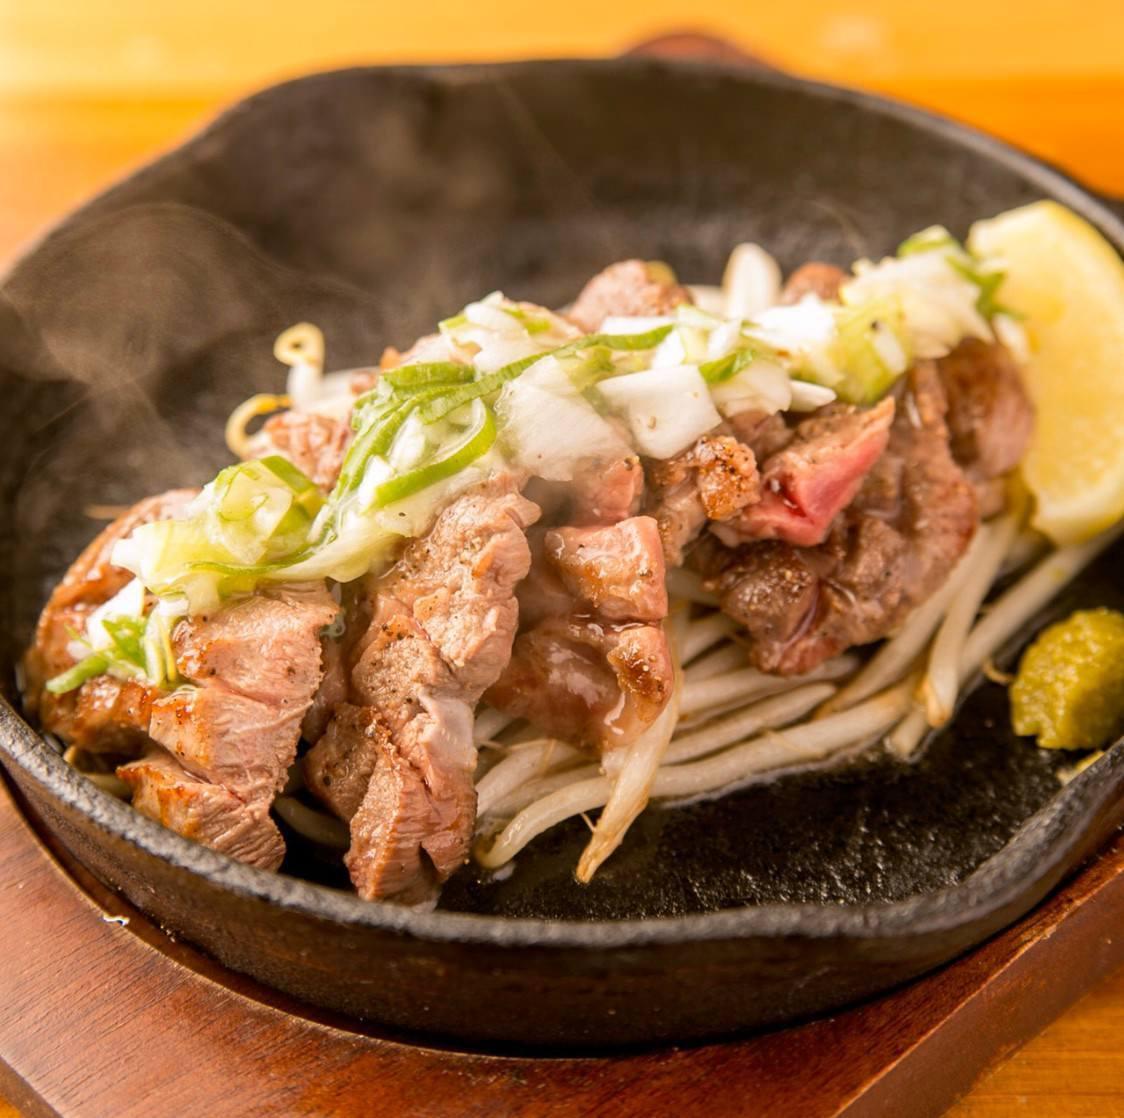 【sakuコース】自慢の鉄板焼とお好み焼をお得に楽しめるコース!!